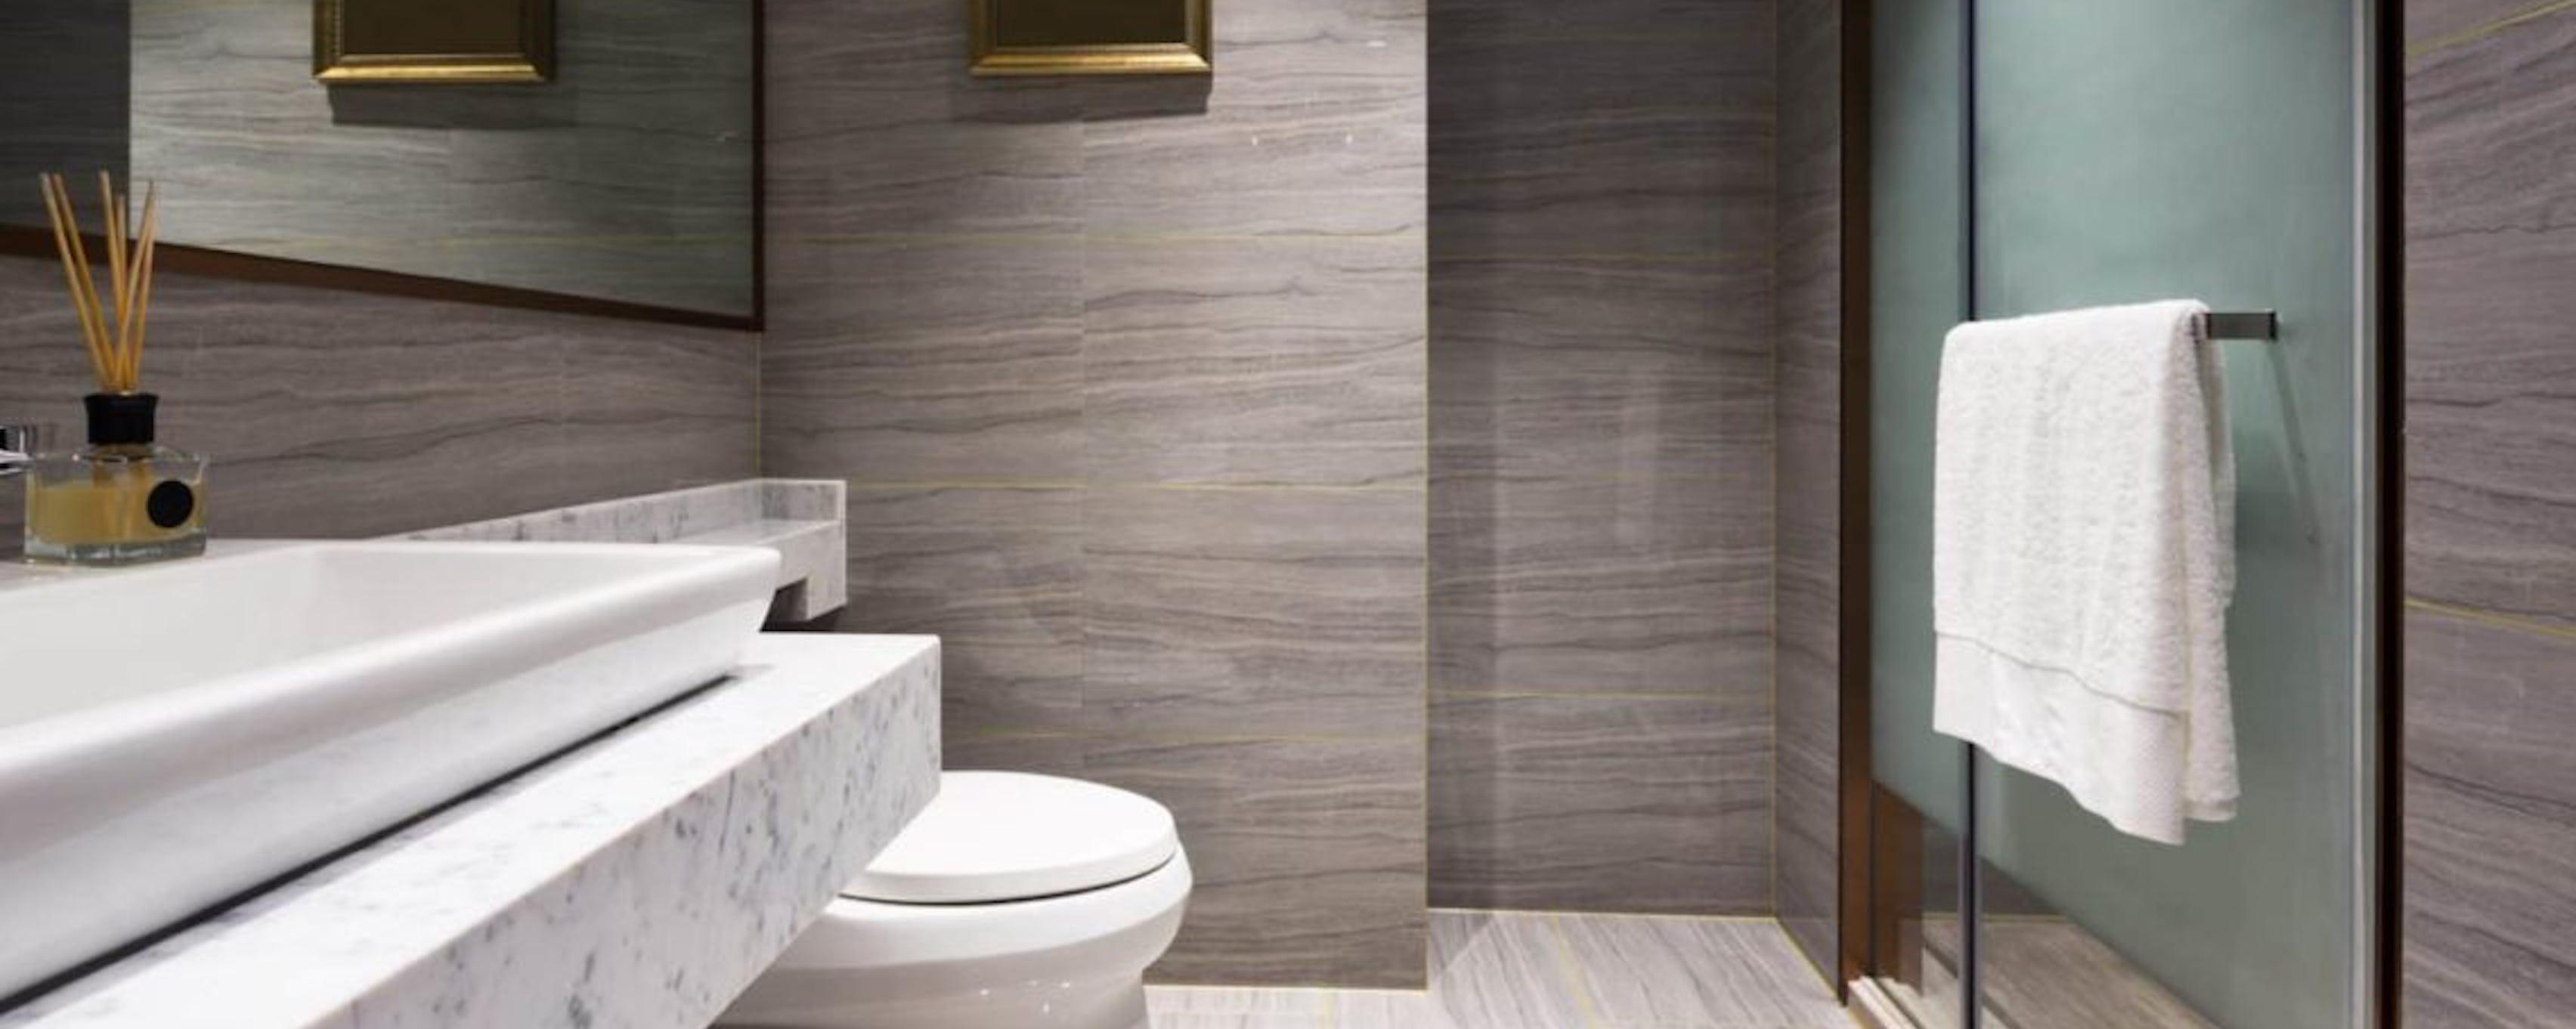 Prix Pour Refaire Une Salle De Bain prix rénovation de salle de bains : budget moyen à prévoir